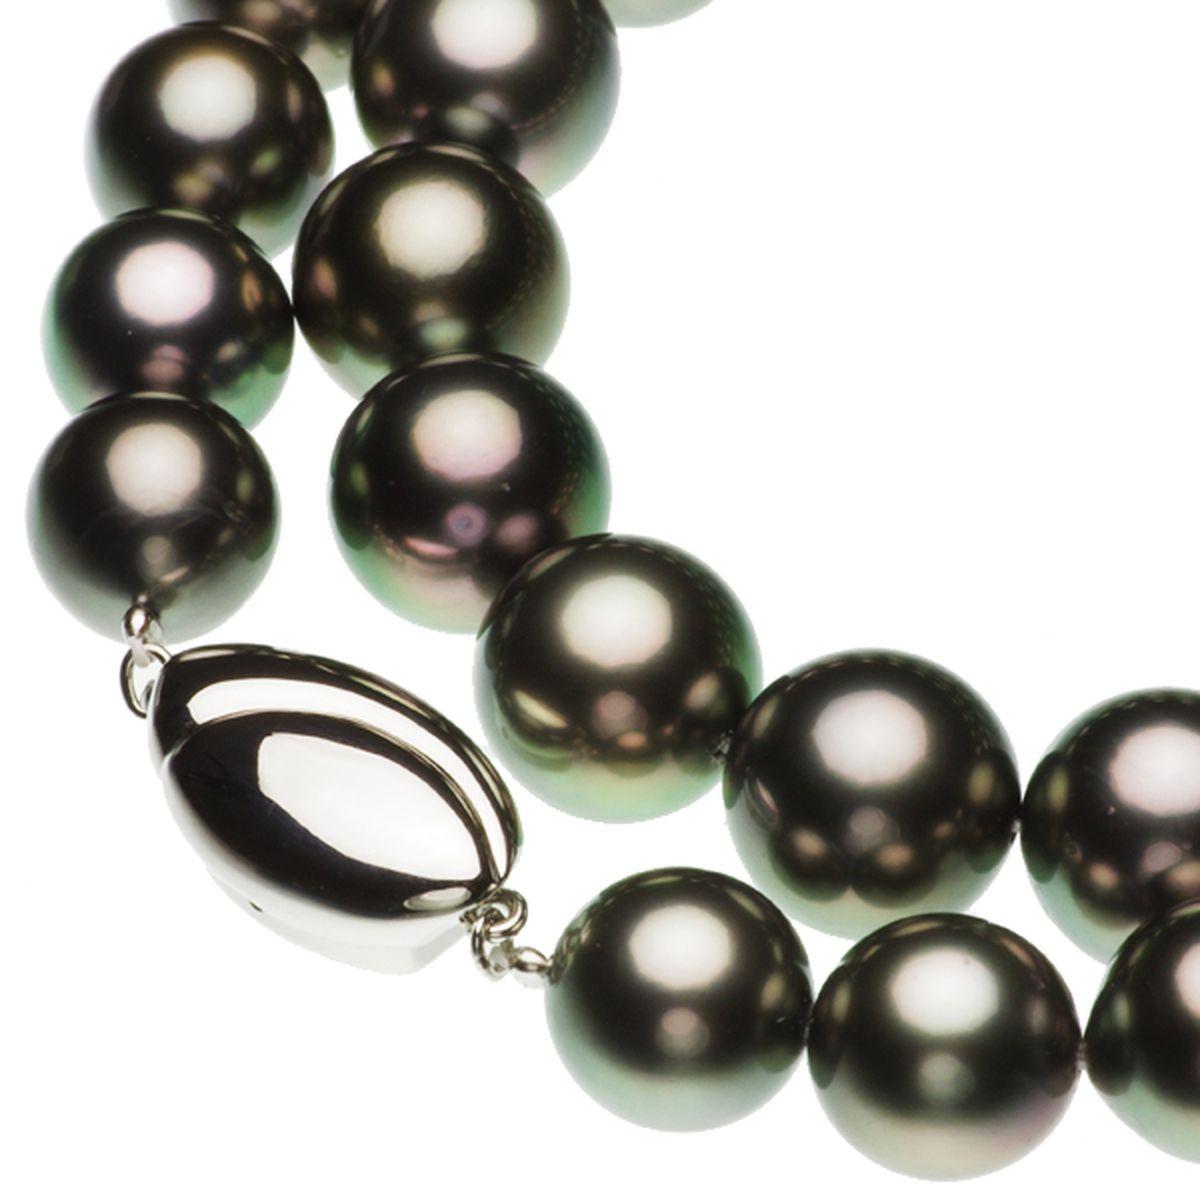 タヒチ黒蝶真珠フォーマルネックレス 約10.0-11.0mmの写真